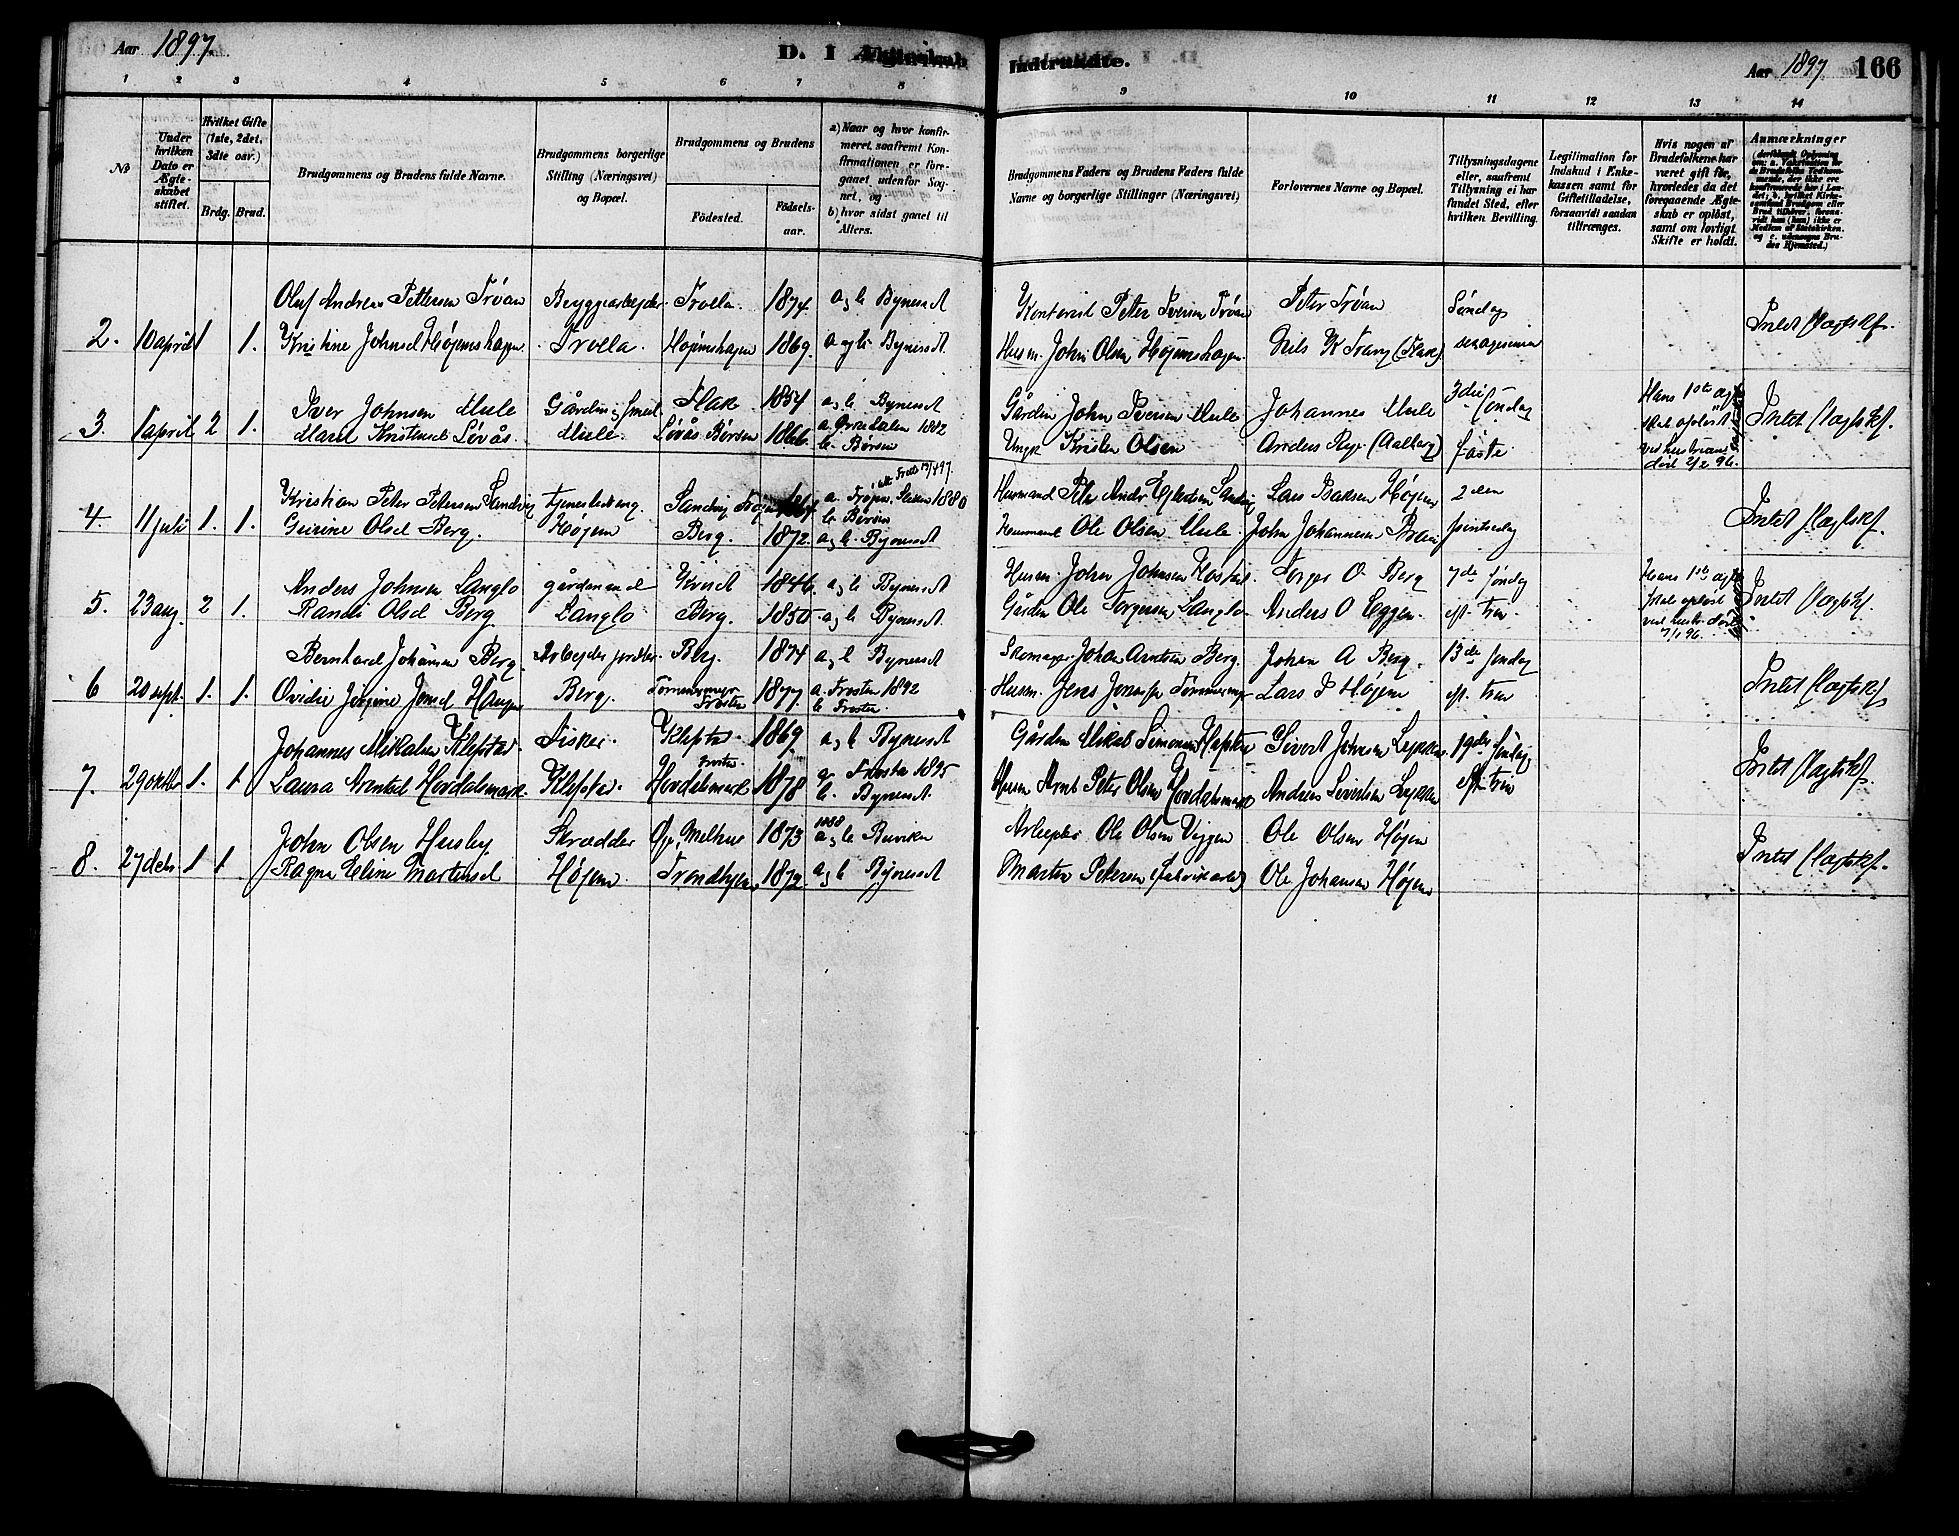 SAT, Ministerialprotokoller, klokkerbøker og fødselsregistre - Sør-Trøndelag, 612/L0378: Ministerialbok nr. 612A10, 1878-1897, s. 166